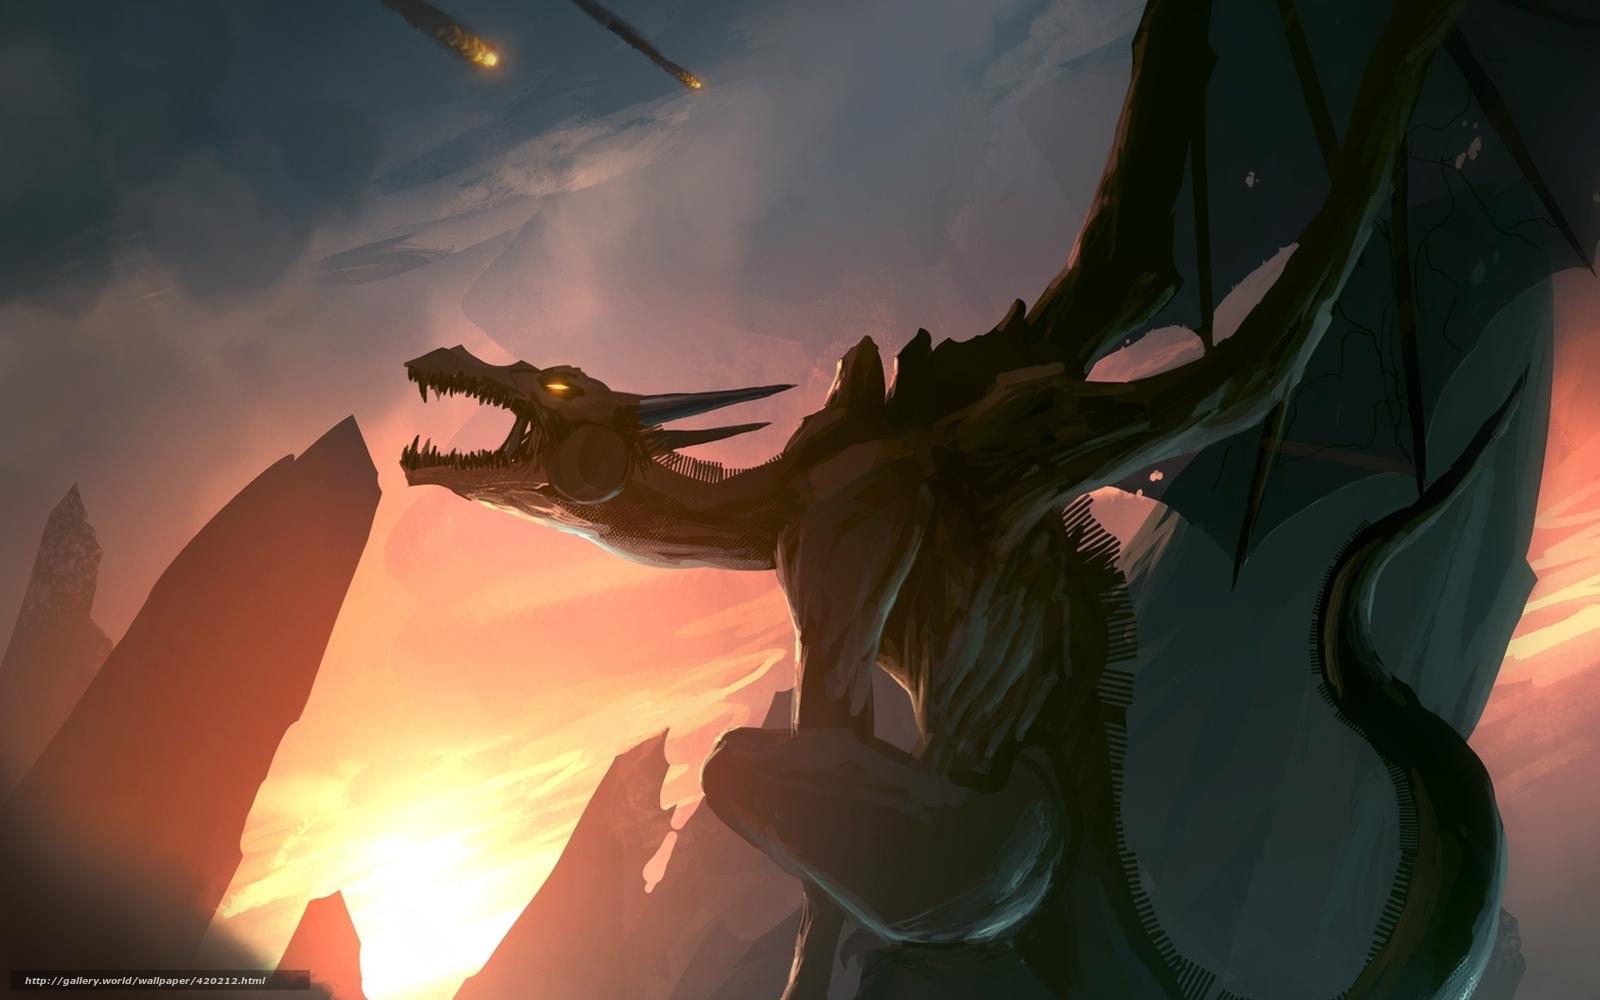 Скачать обои арт,  дракон,  скалы,  метеориты бесплатно для рабочего стола в разрешении 1680x1050 — картинка №420212